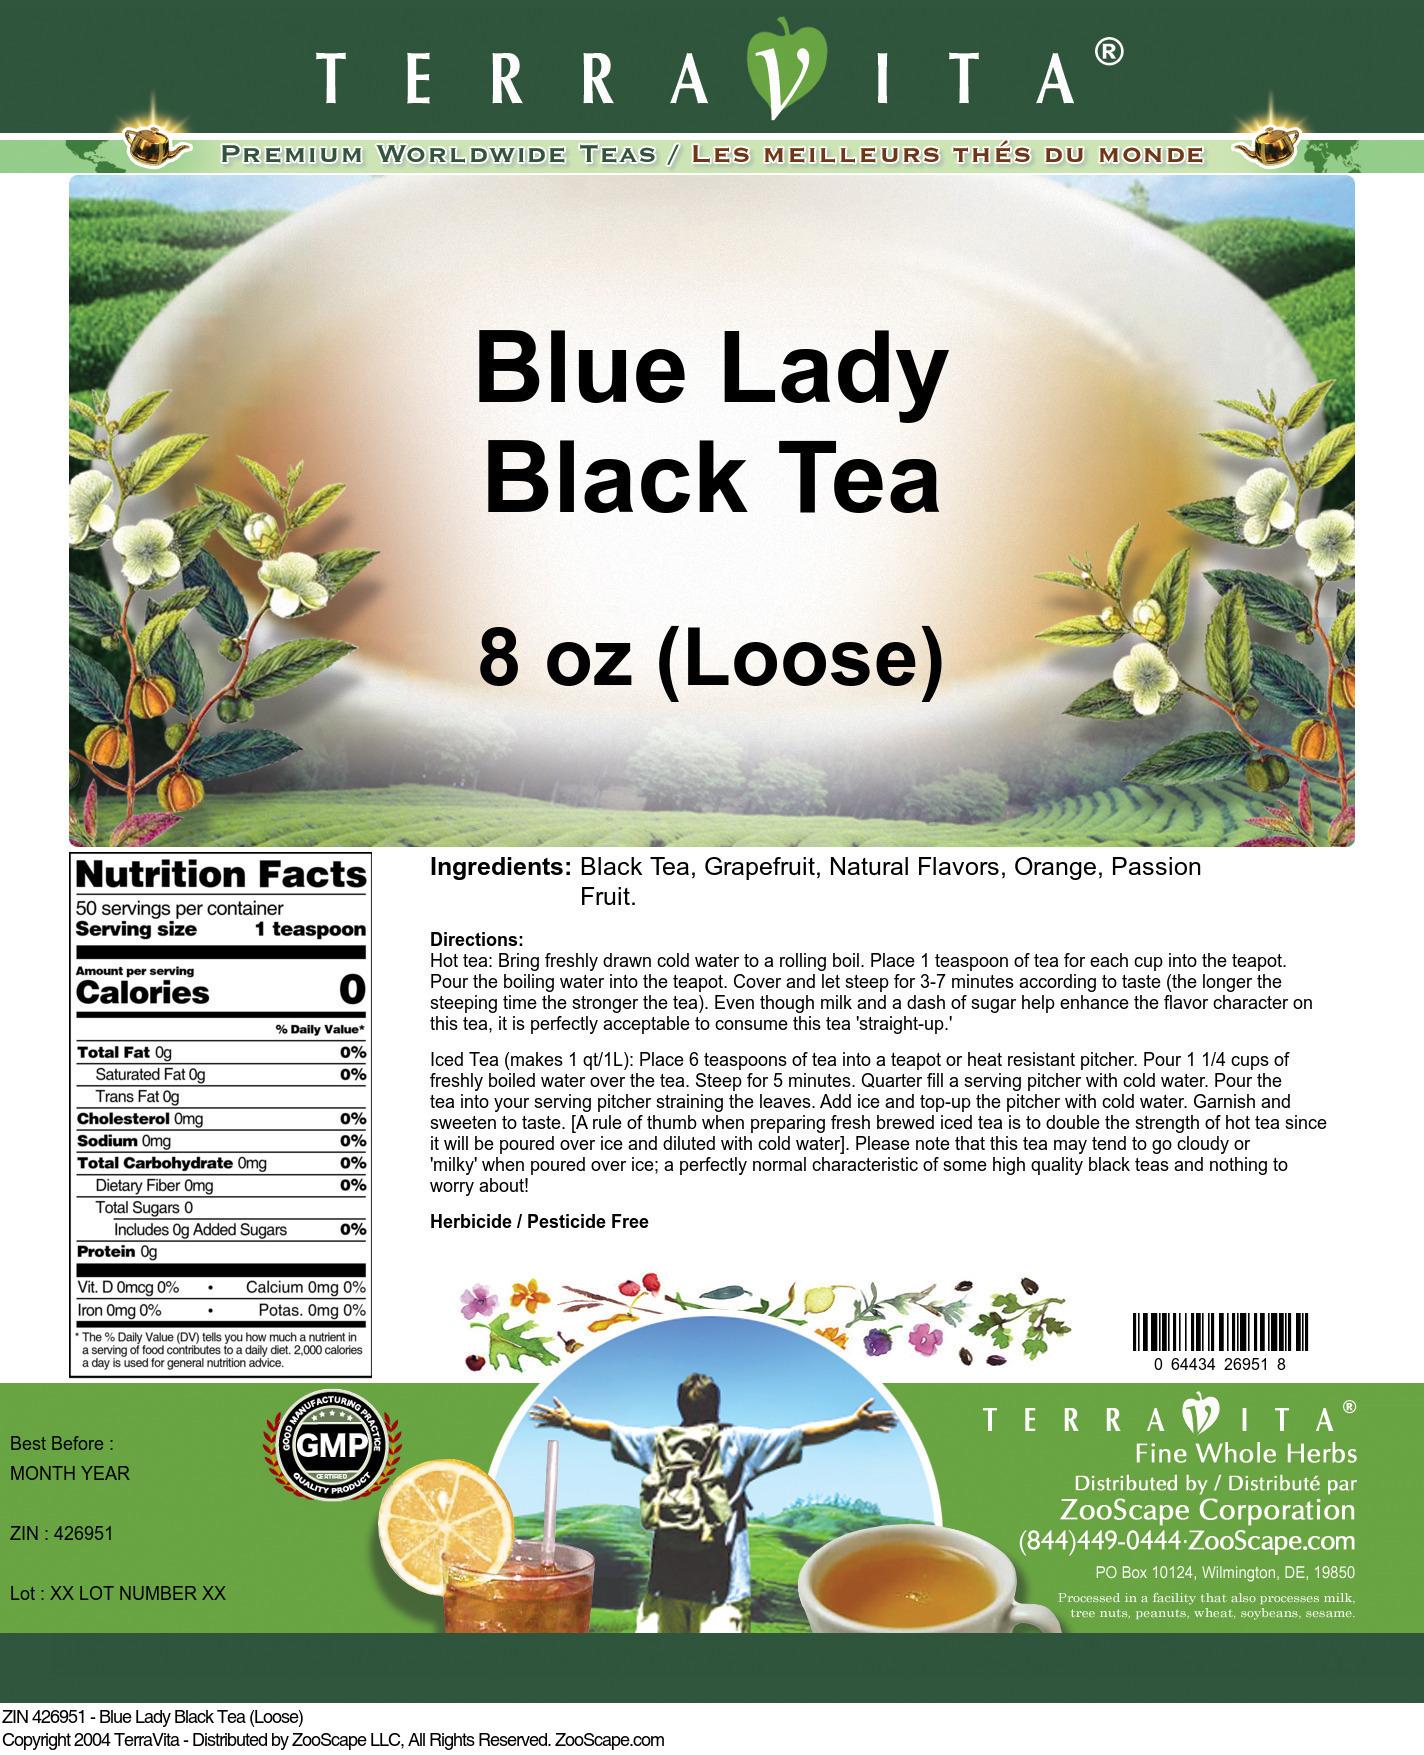 Blue Lady Black Tea (Loose)